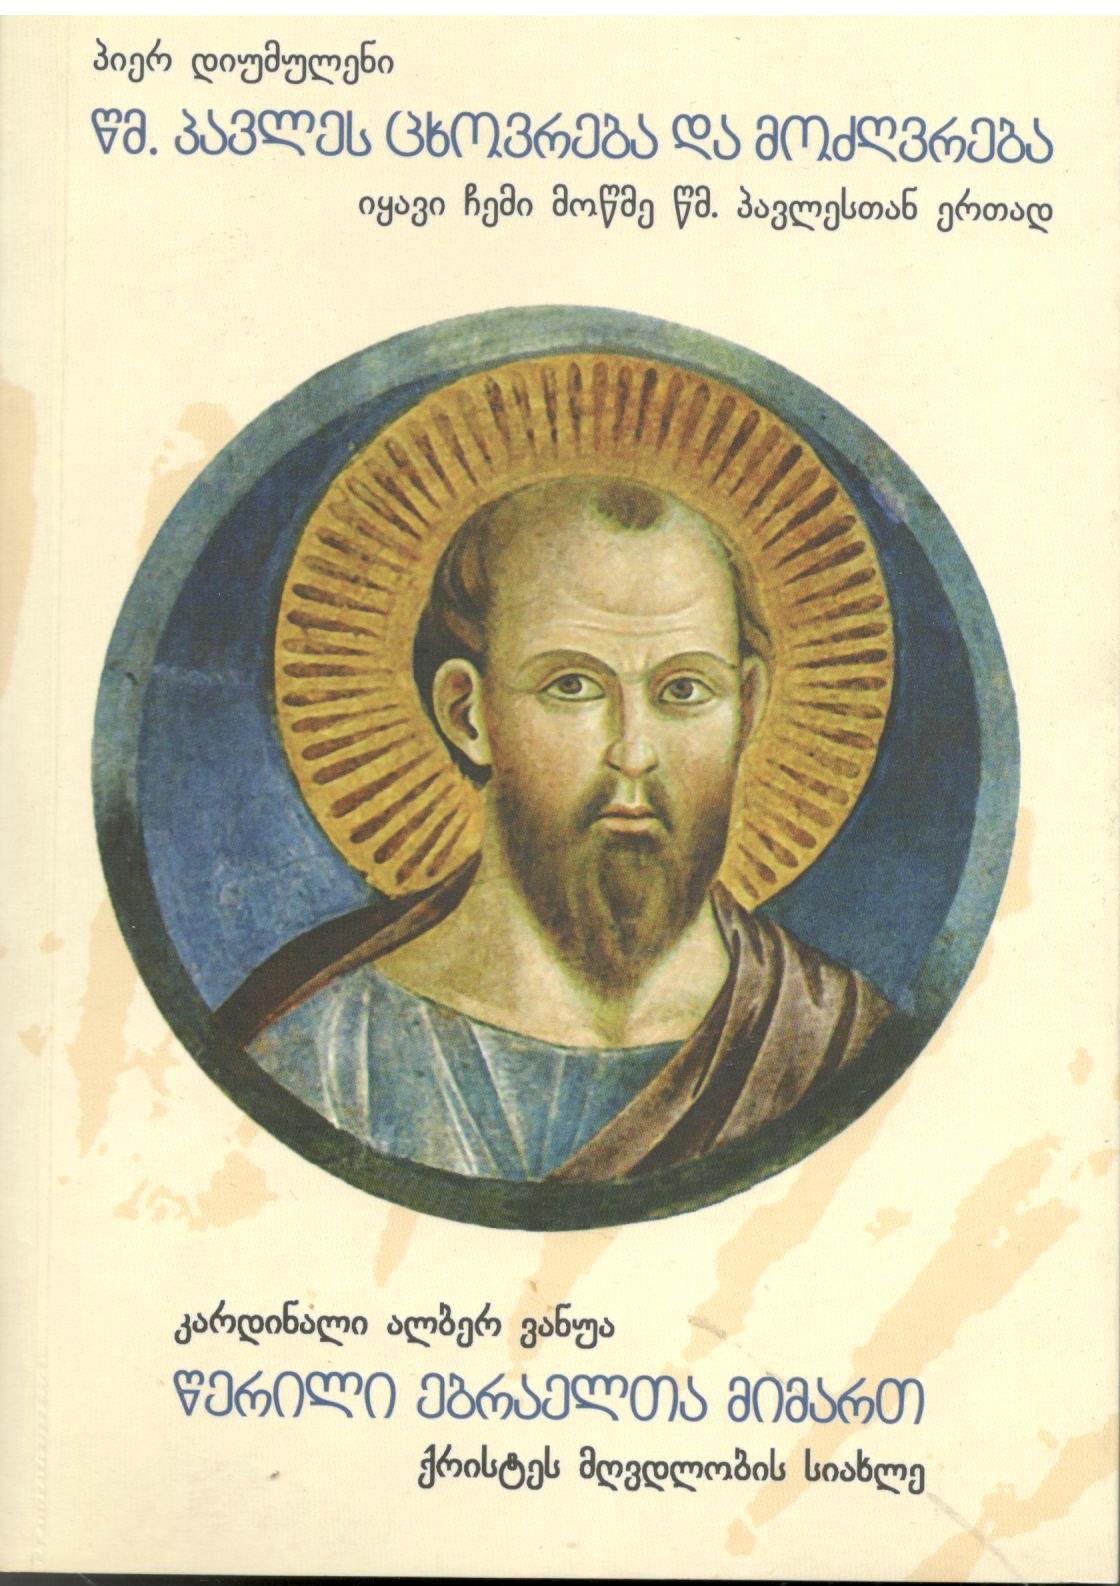 პიერ დიუმულენი - წმ. პავლეს ცხოვრება და მოძღვრება.